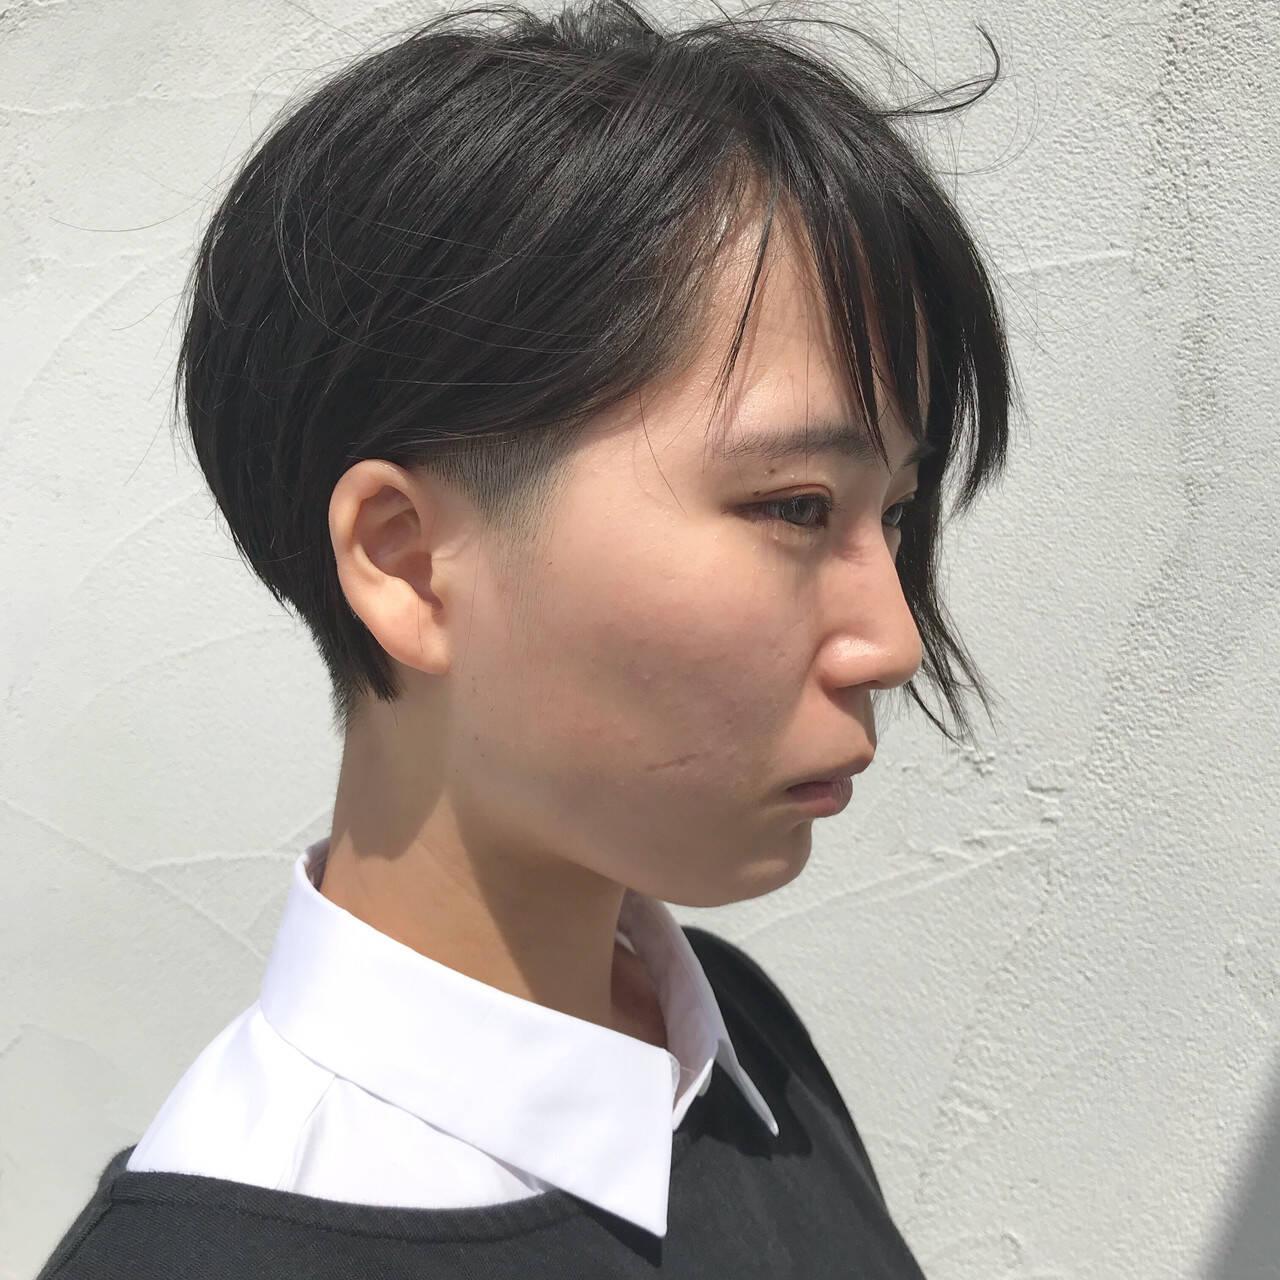 ショートボブ ショート 刈り上げ 刈り上げ女子ヘアスタイルや髪型の写真・画像